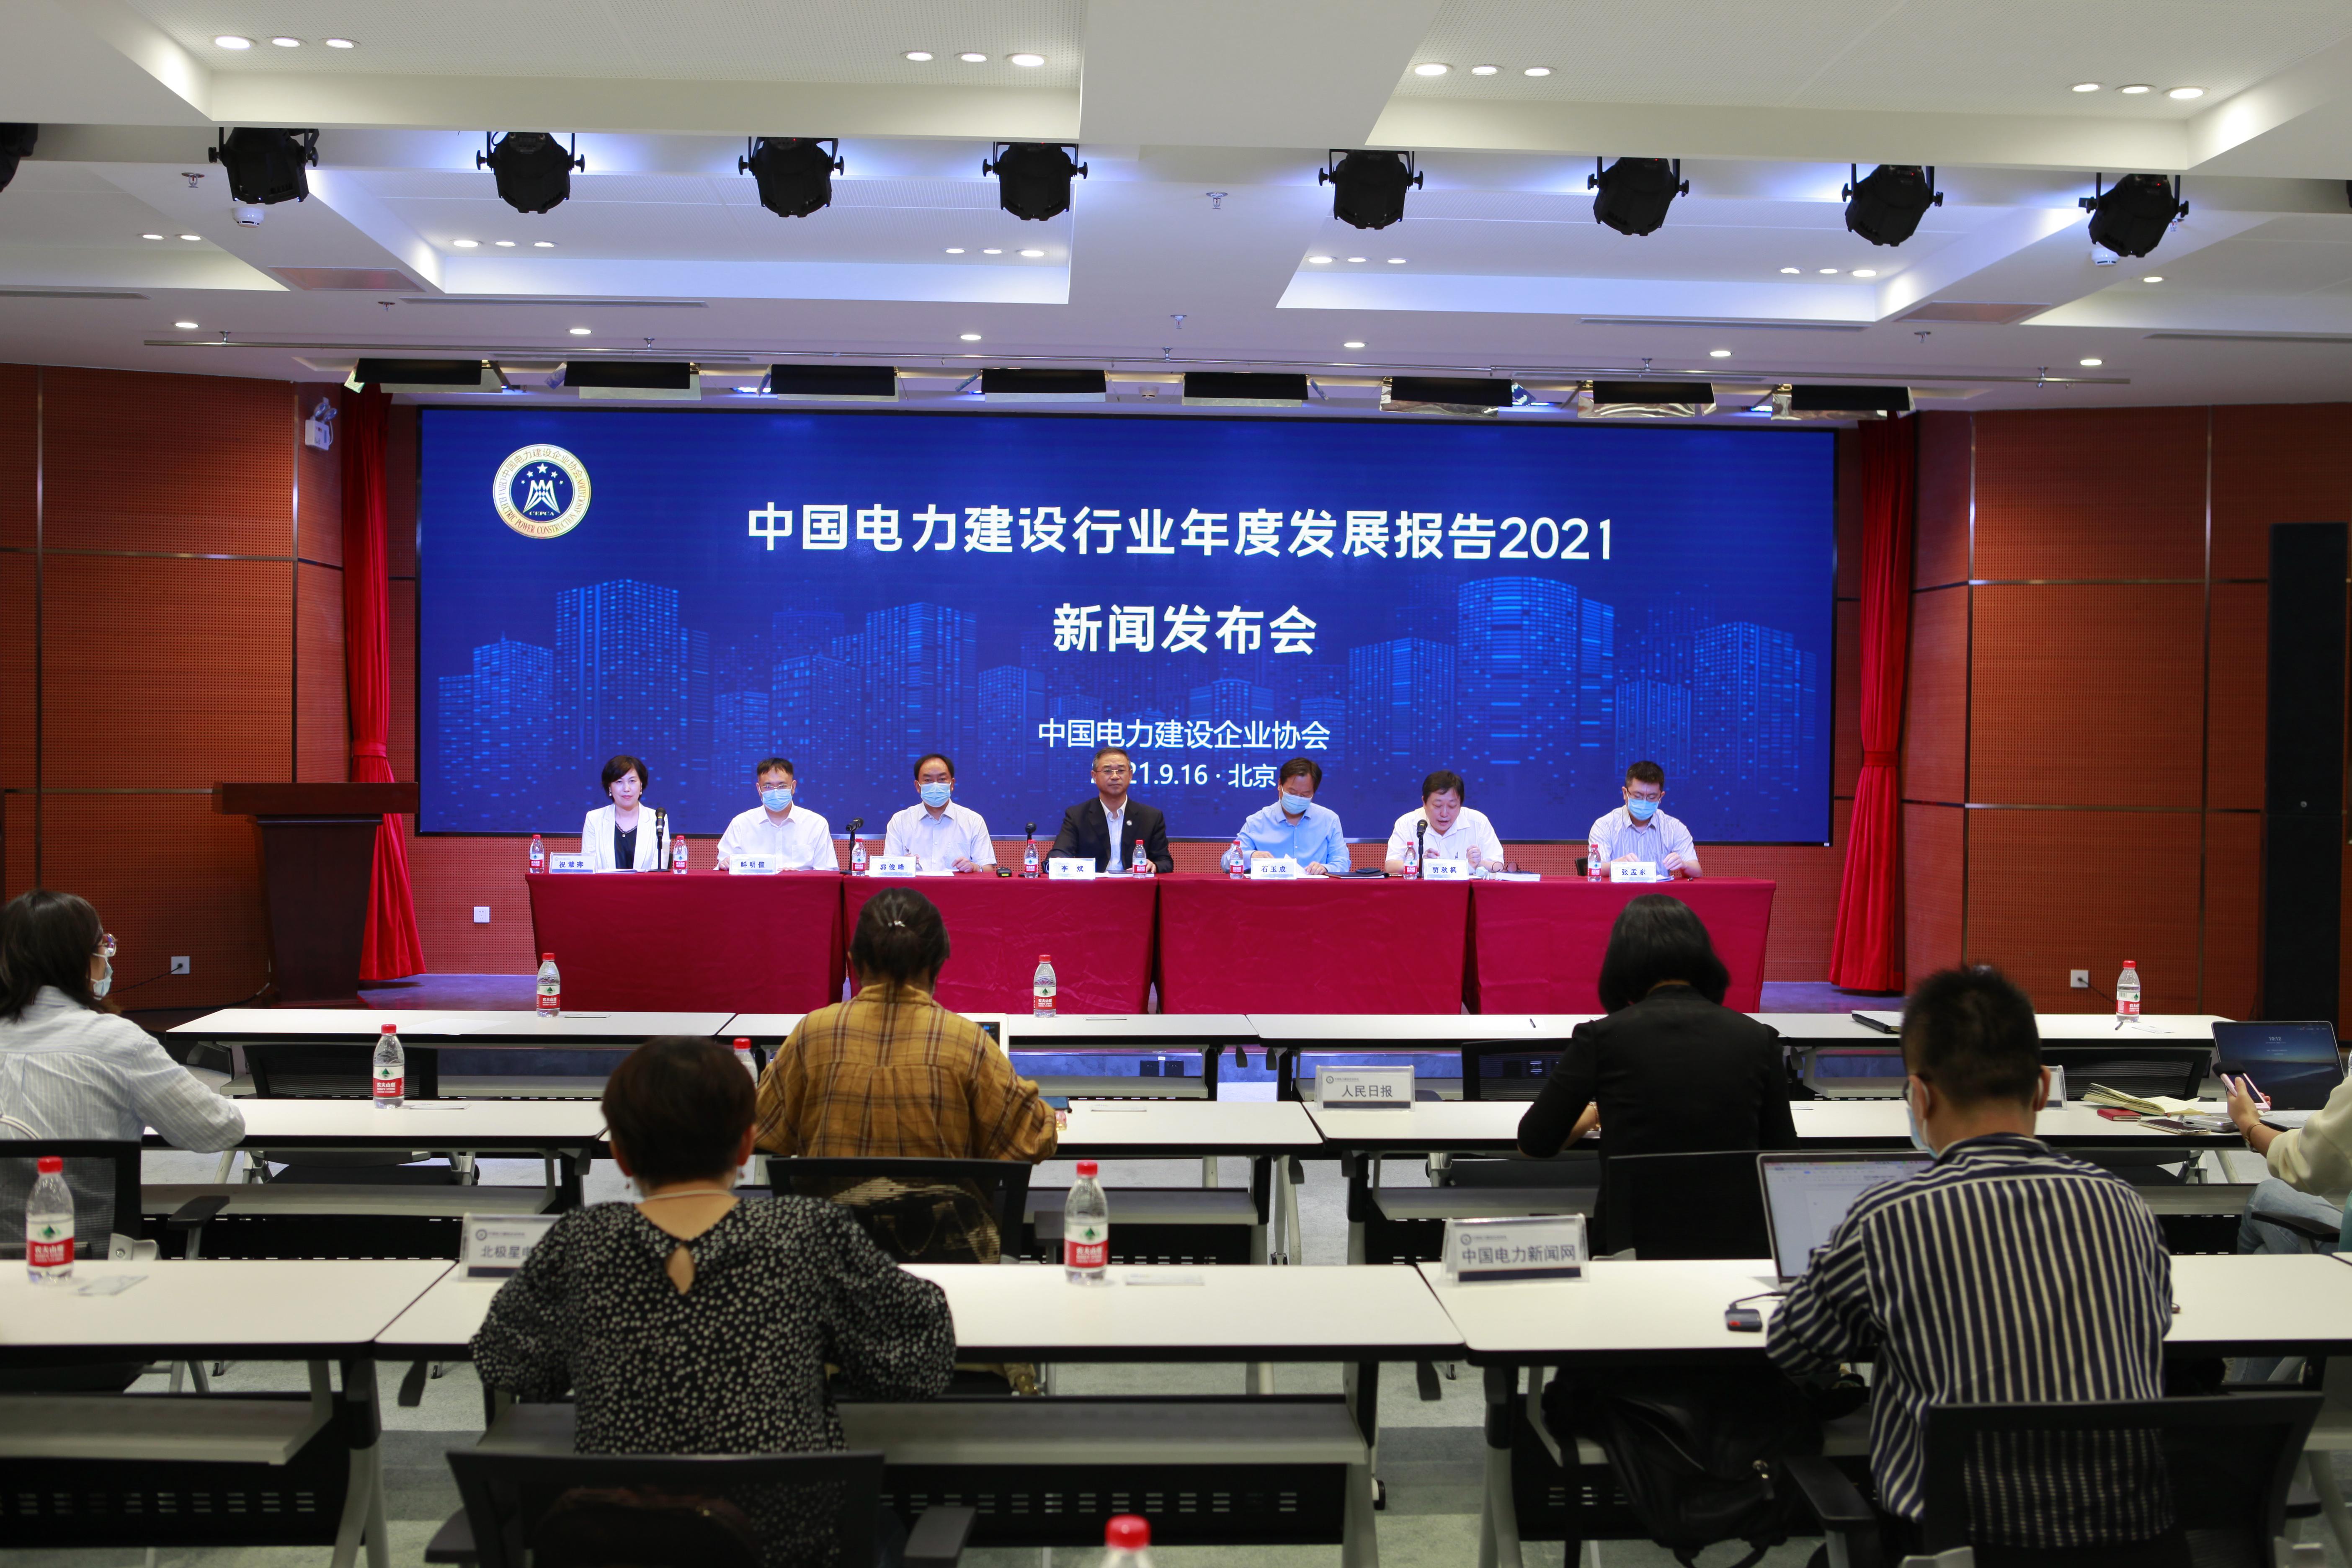 中电建协首次对外发布《中国电力建设行业年度发展报告2021》